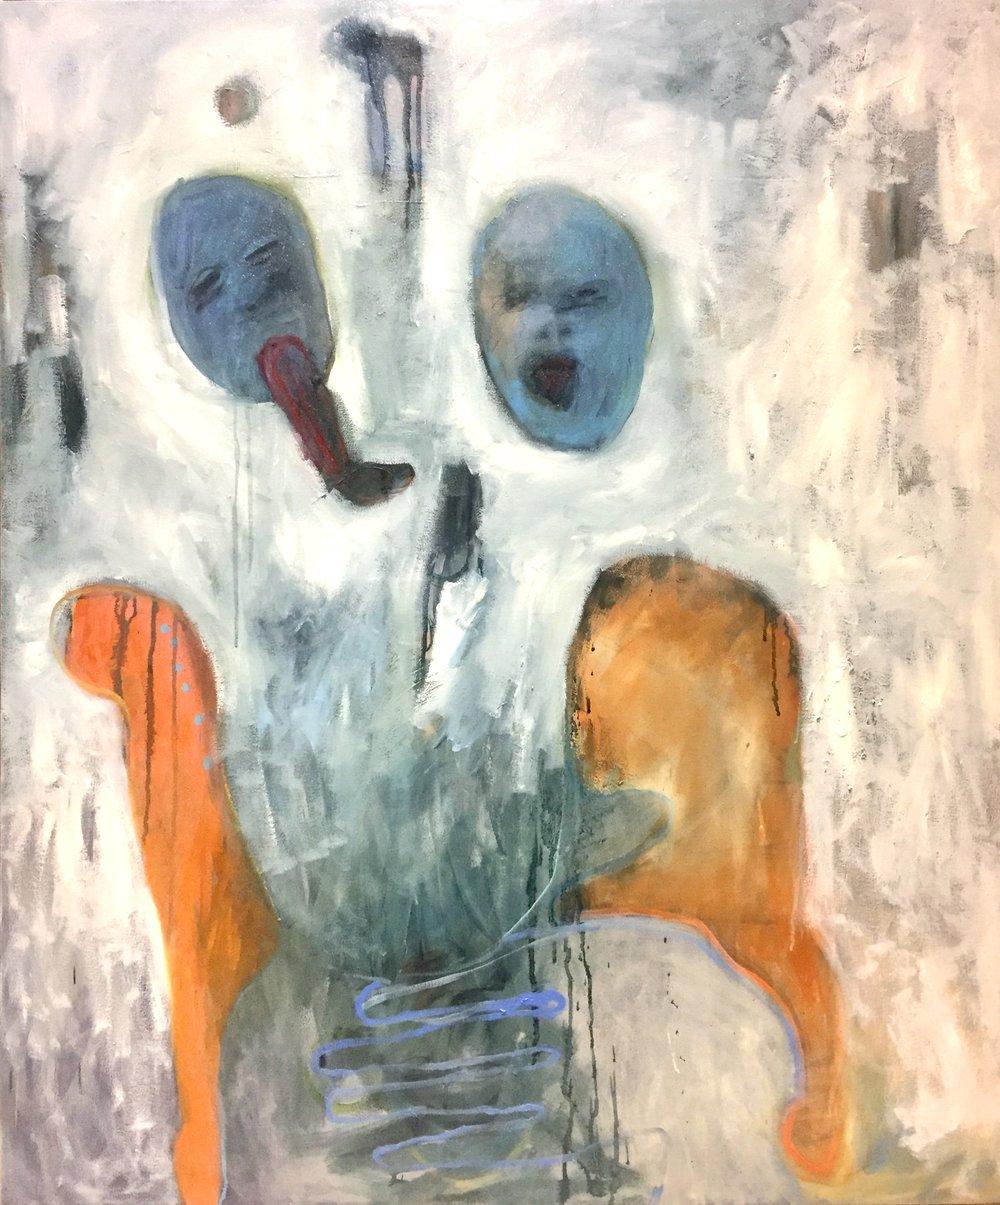 Twin  Turmoil   Jo Rogge        Oil on Canvas     1000 x 1200 x 30 mm     R 15 400.00